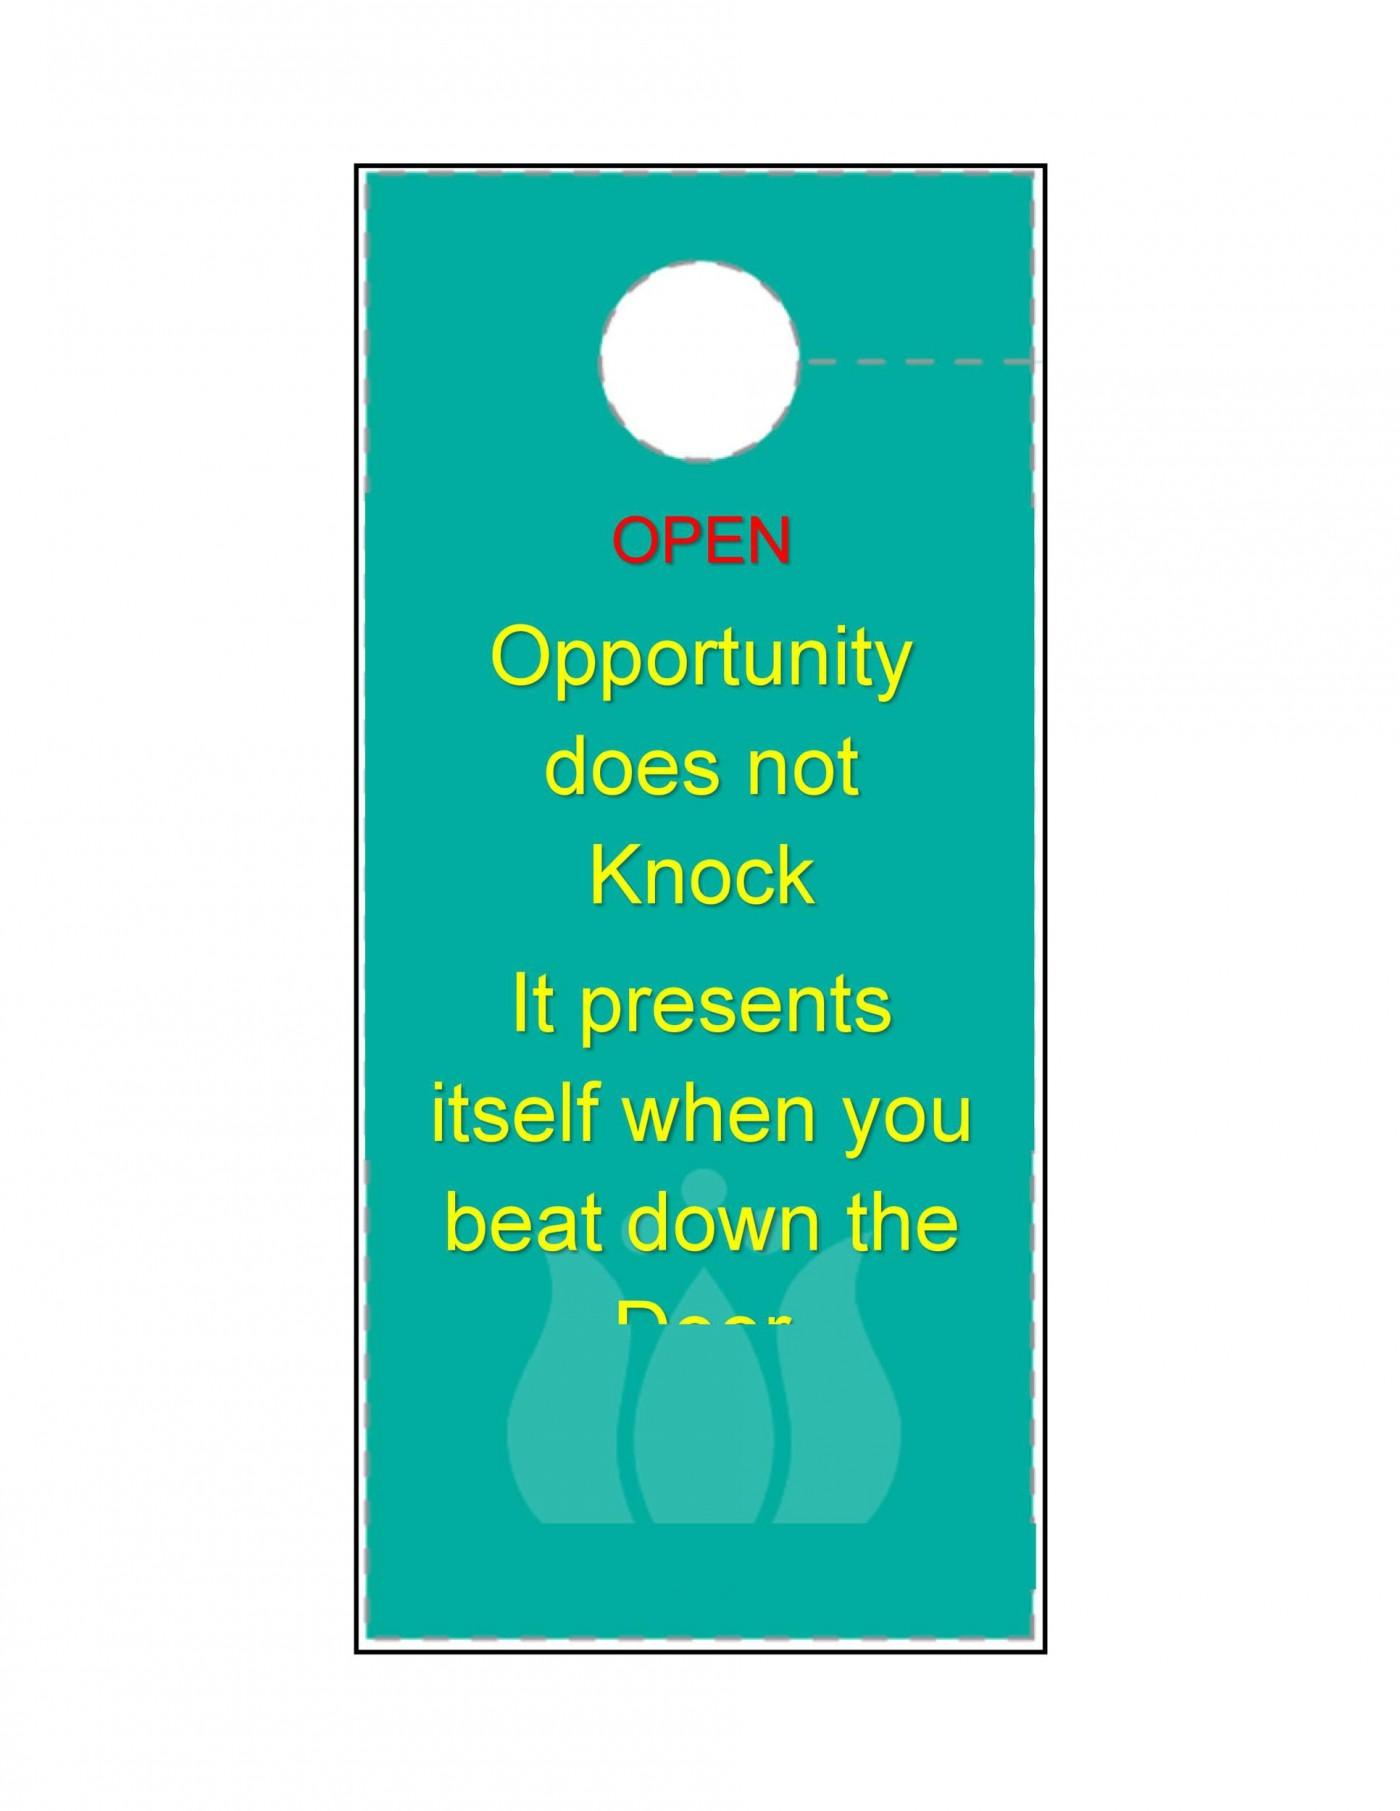 003 Amazing Free Download Door Hanger Template Inspiration 1400